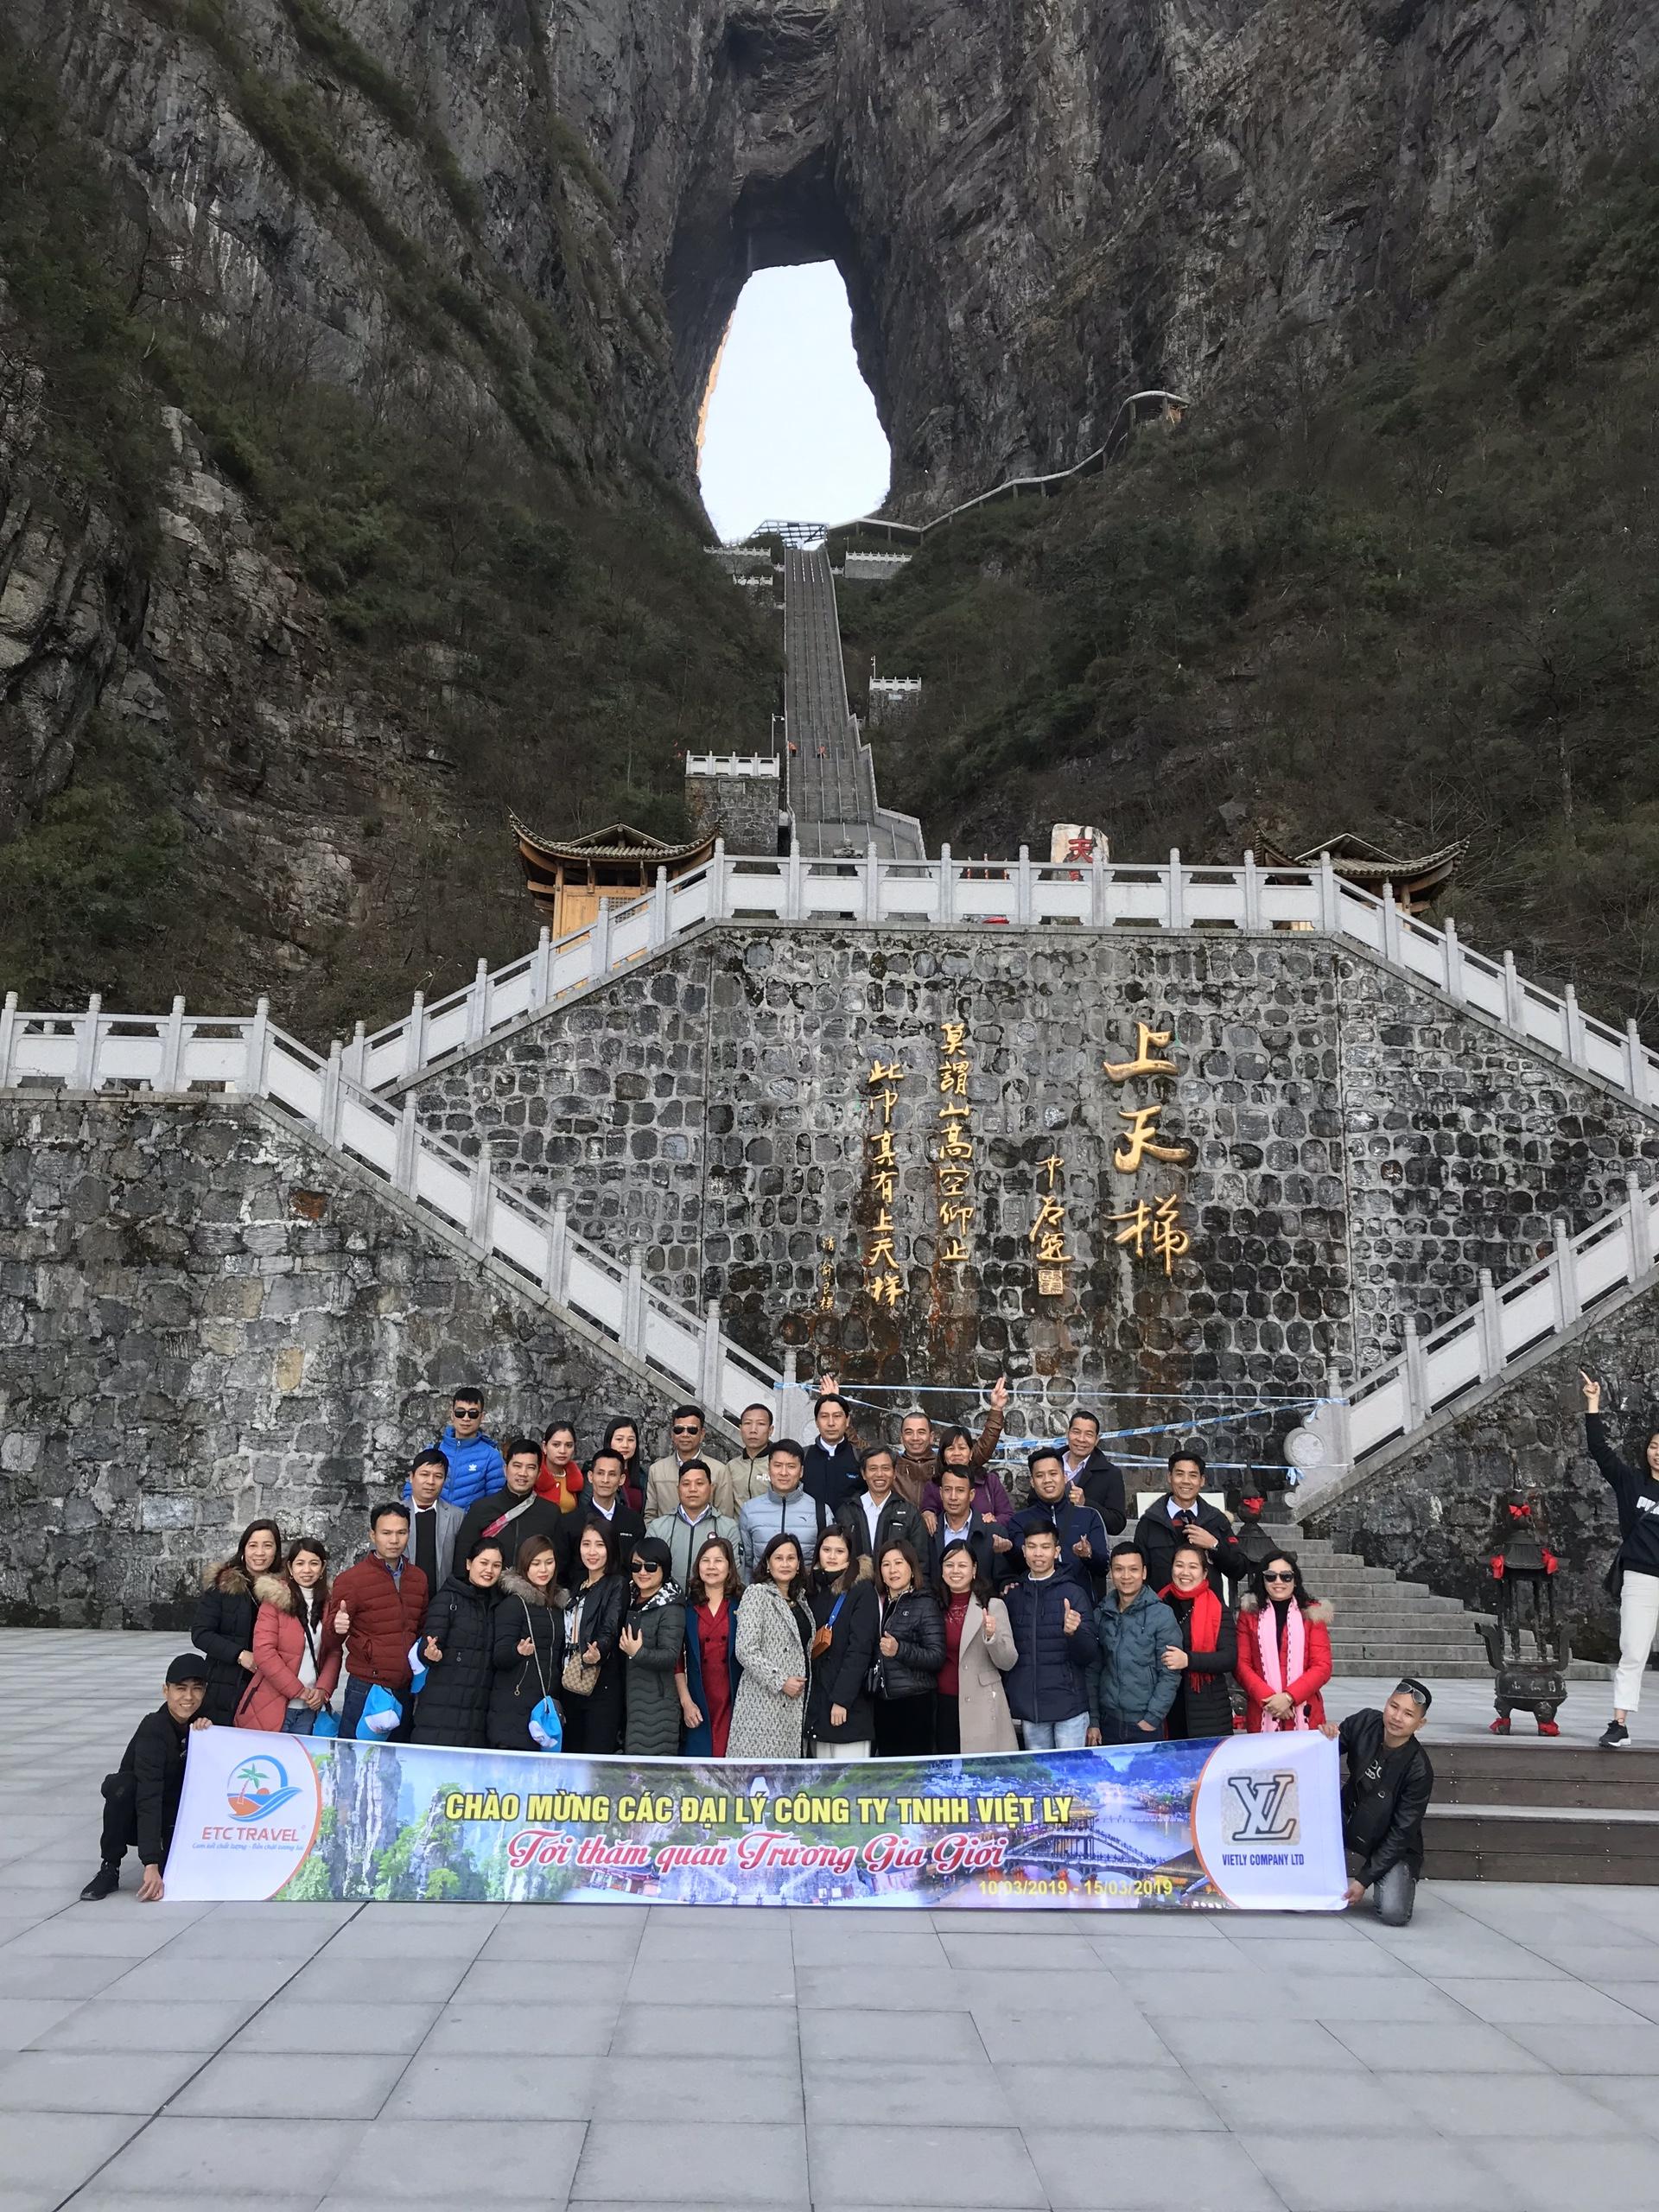 Du Lịch TGG-PHCT Ngắm Hoa Mơ Cùng VIETLY- T3-2019